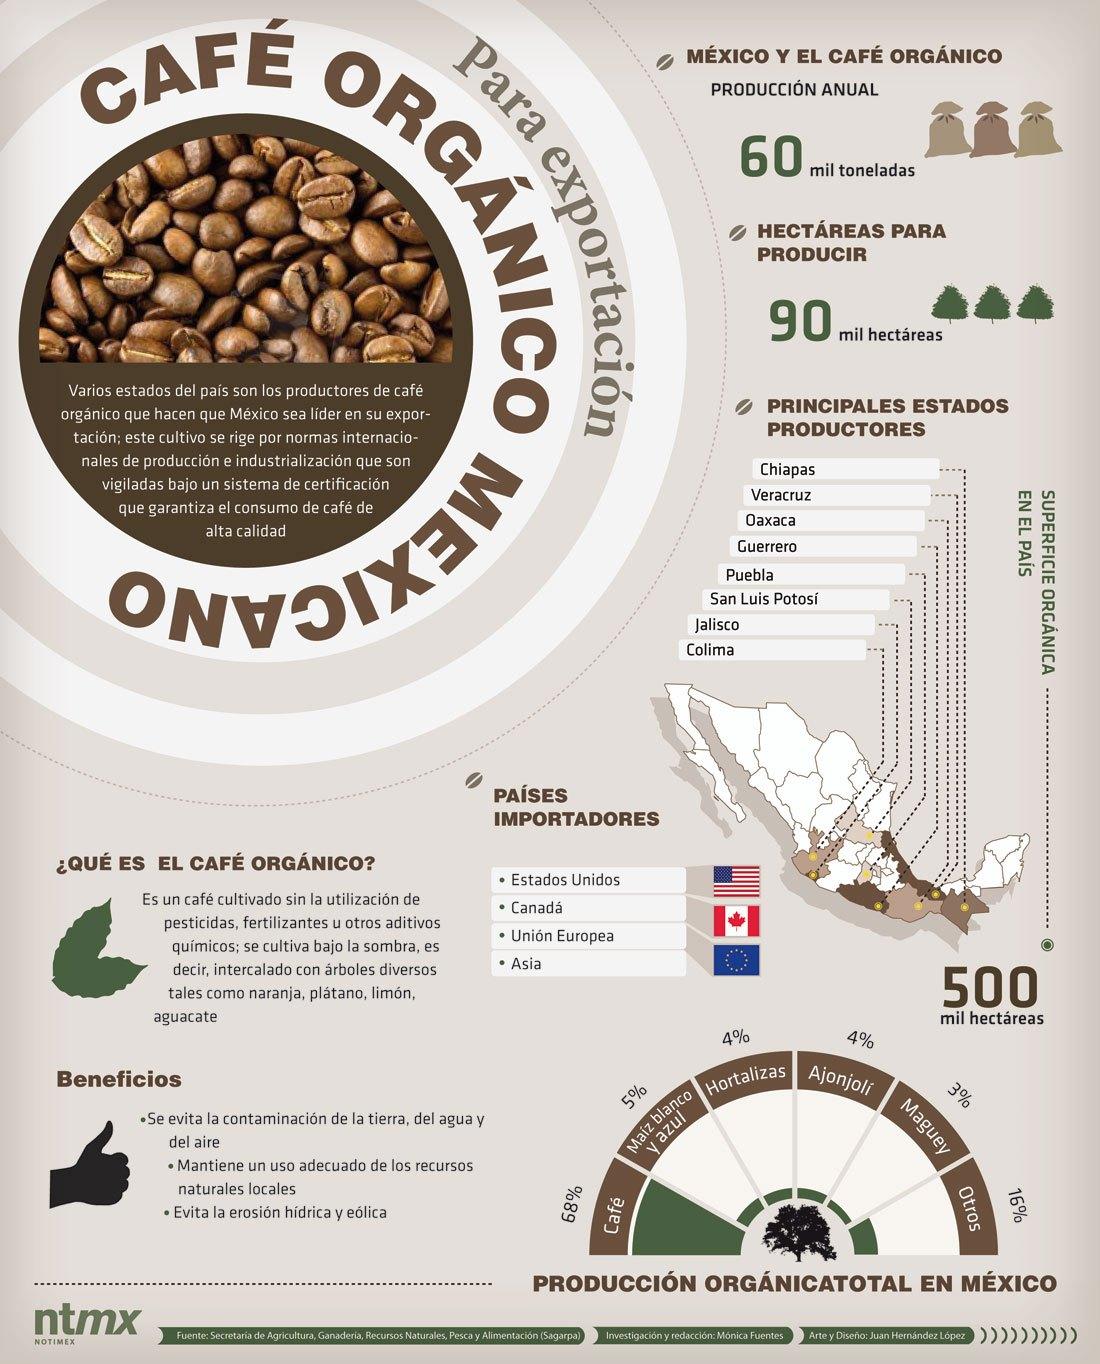 cafeorganicomexicano